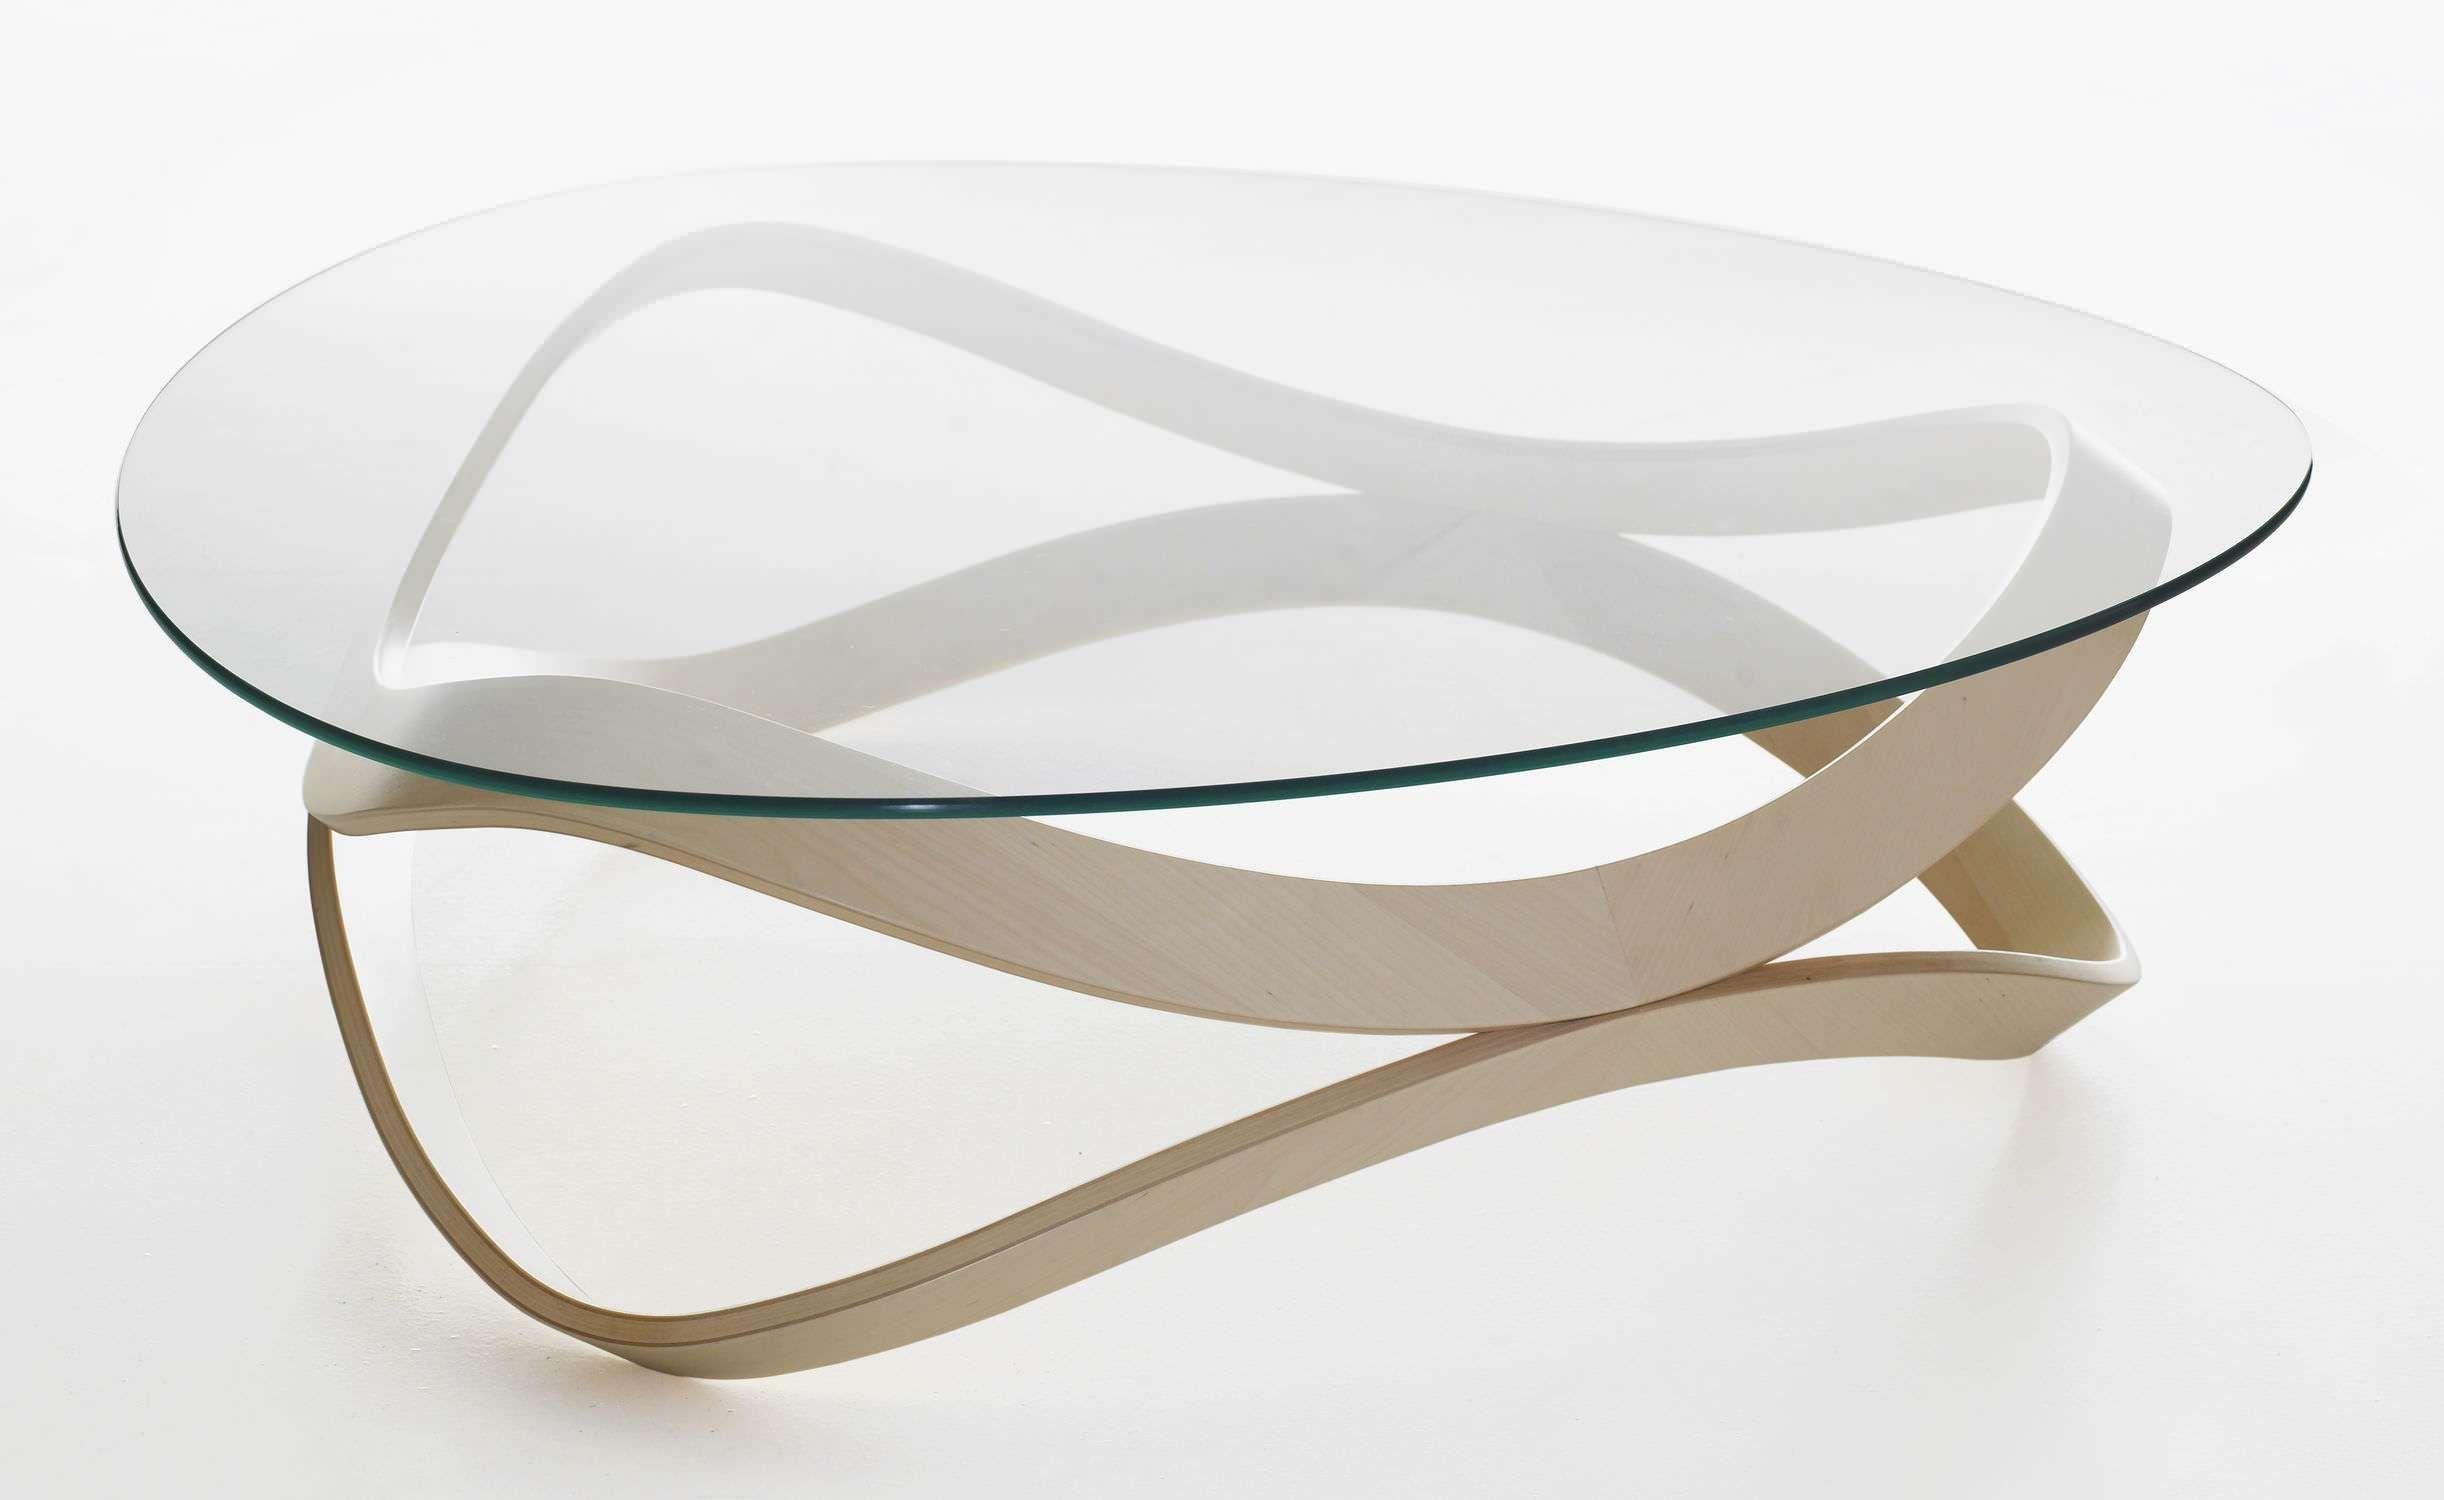 Wohnzimmertisch Glas Oval